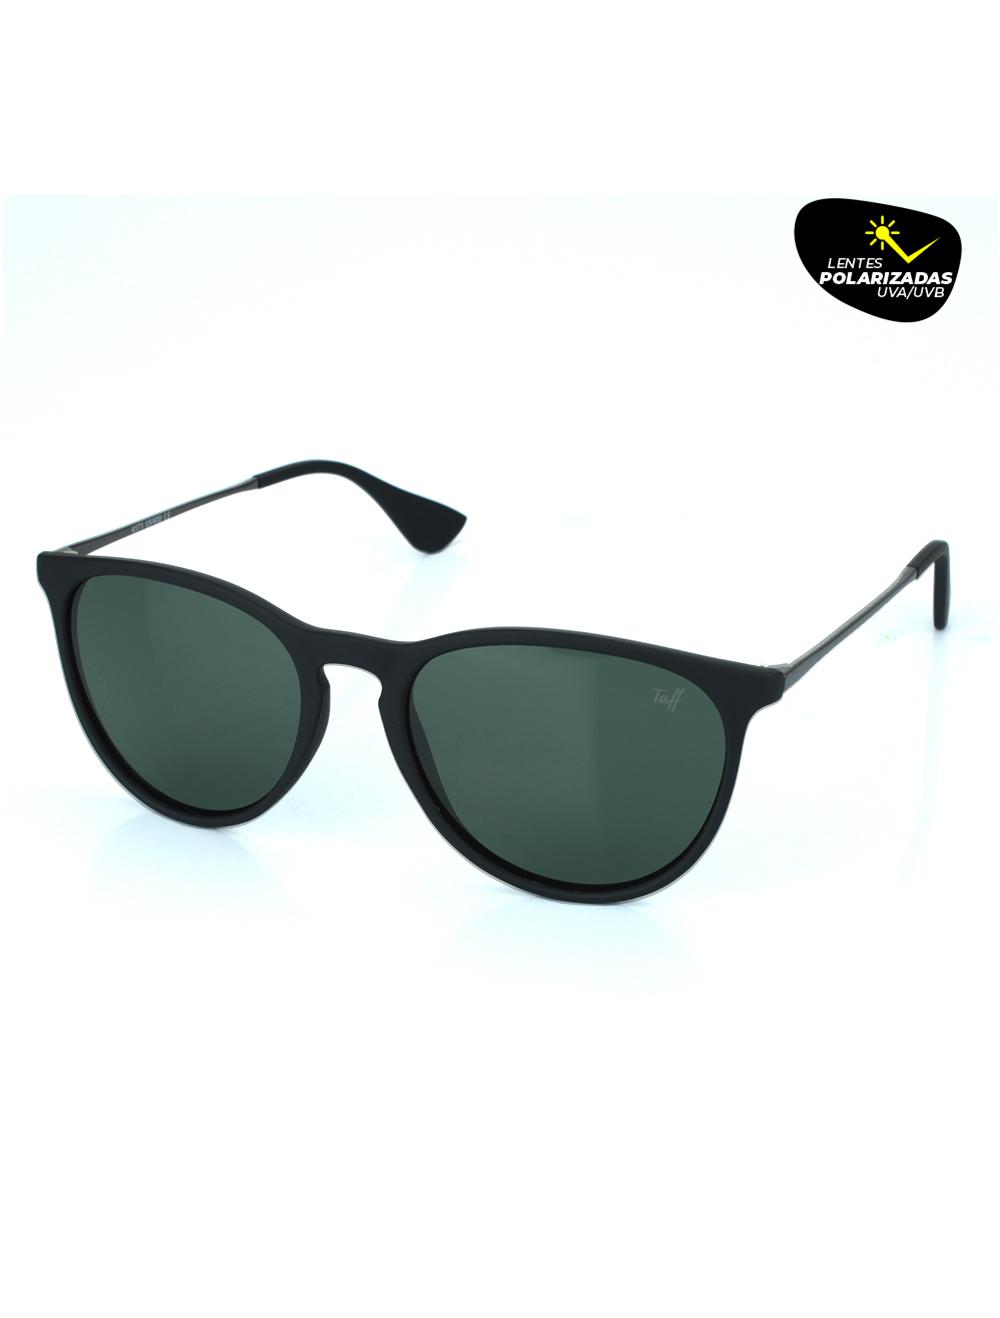 Sunglasses Arredondado Verde com Lente Polarizada